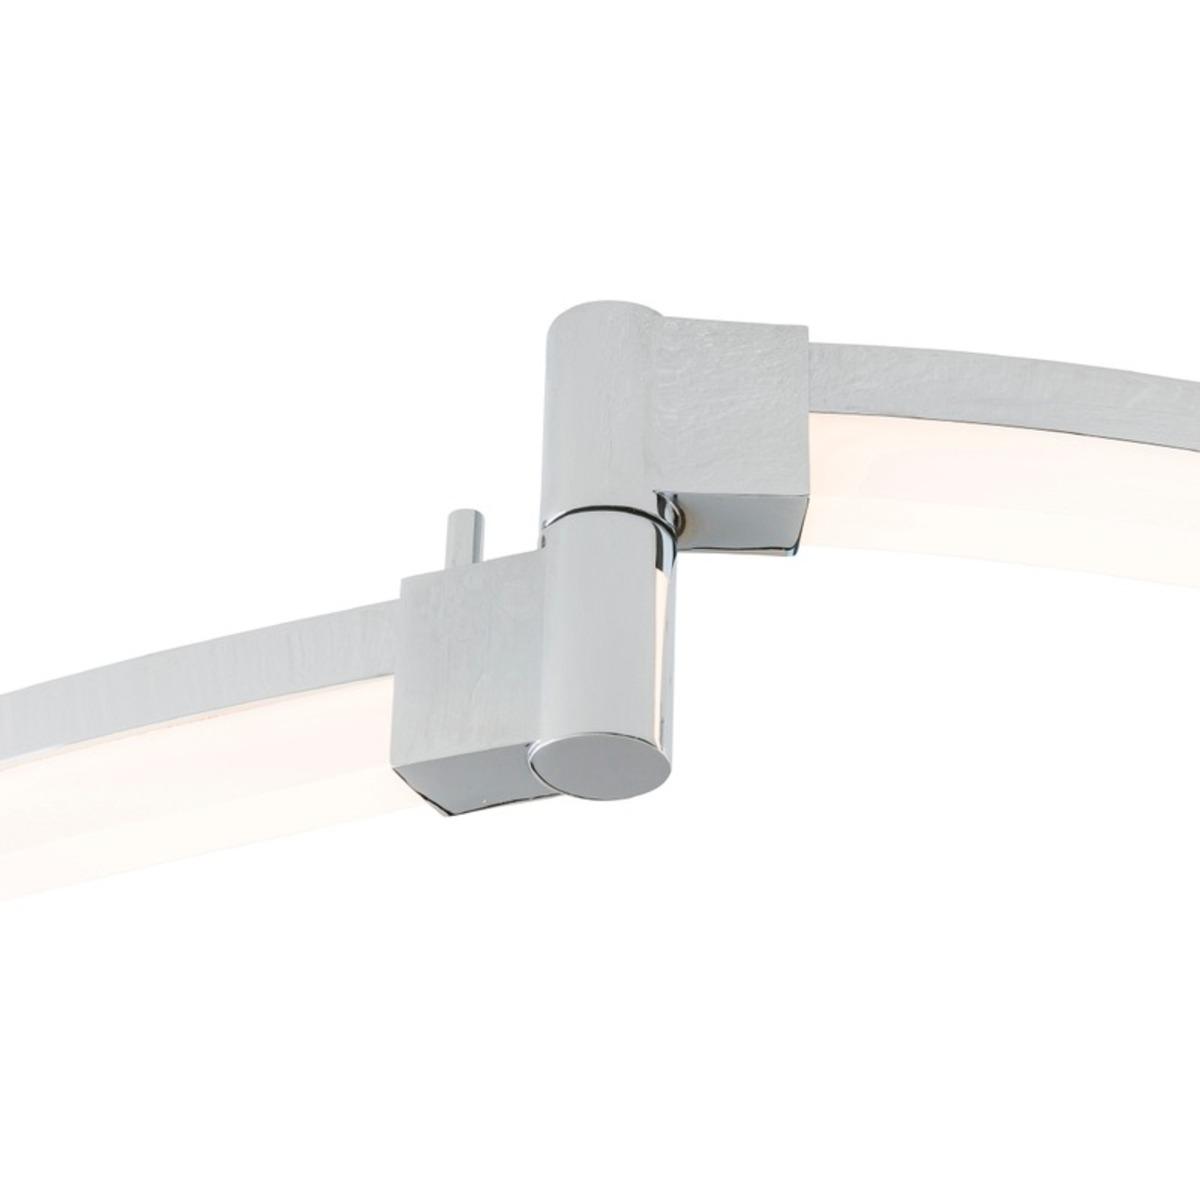 Bild 5 von DesignLive LED-Deckenleuchte AMSTERDAM